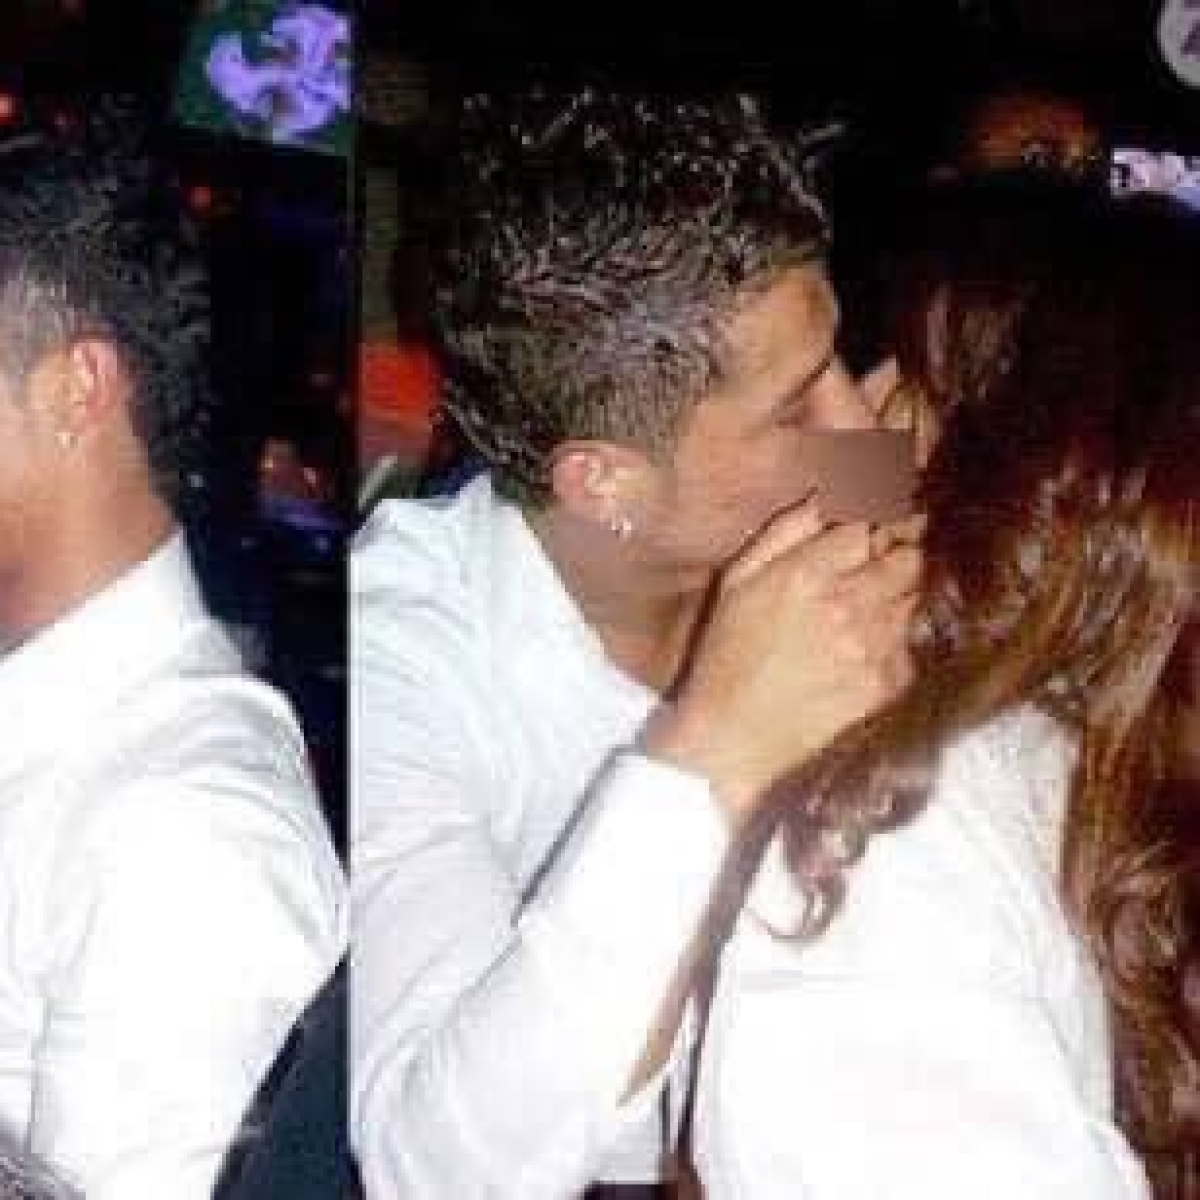 When Bipasha Basu's lip-lock with Cristiano Ronaldo raised the internet's brows